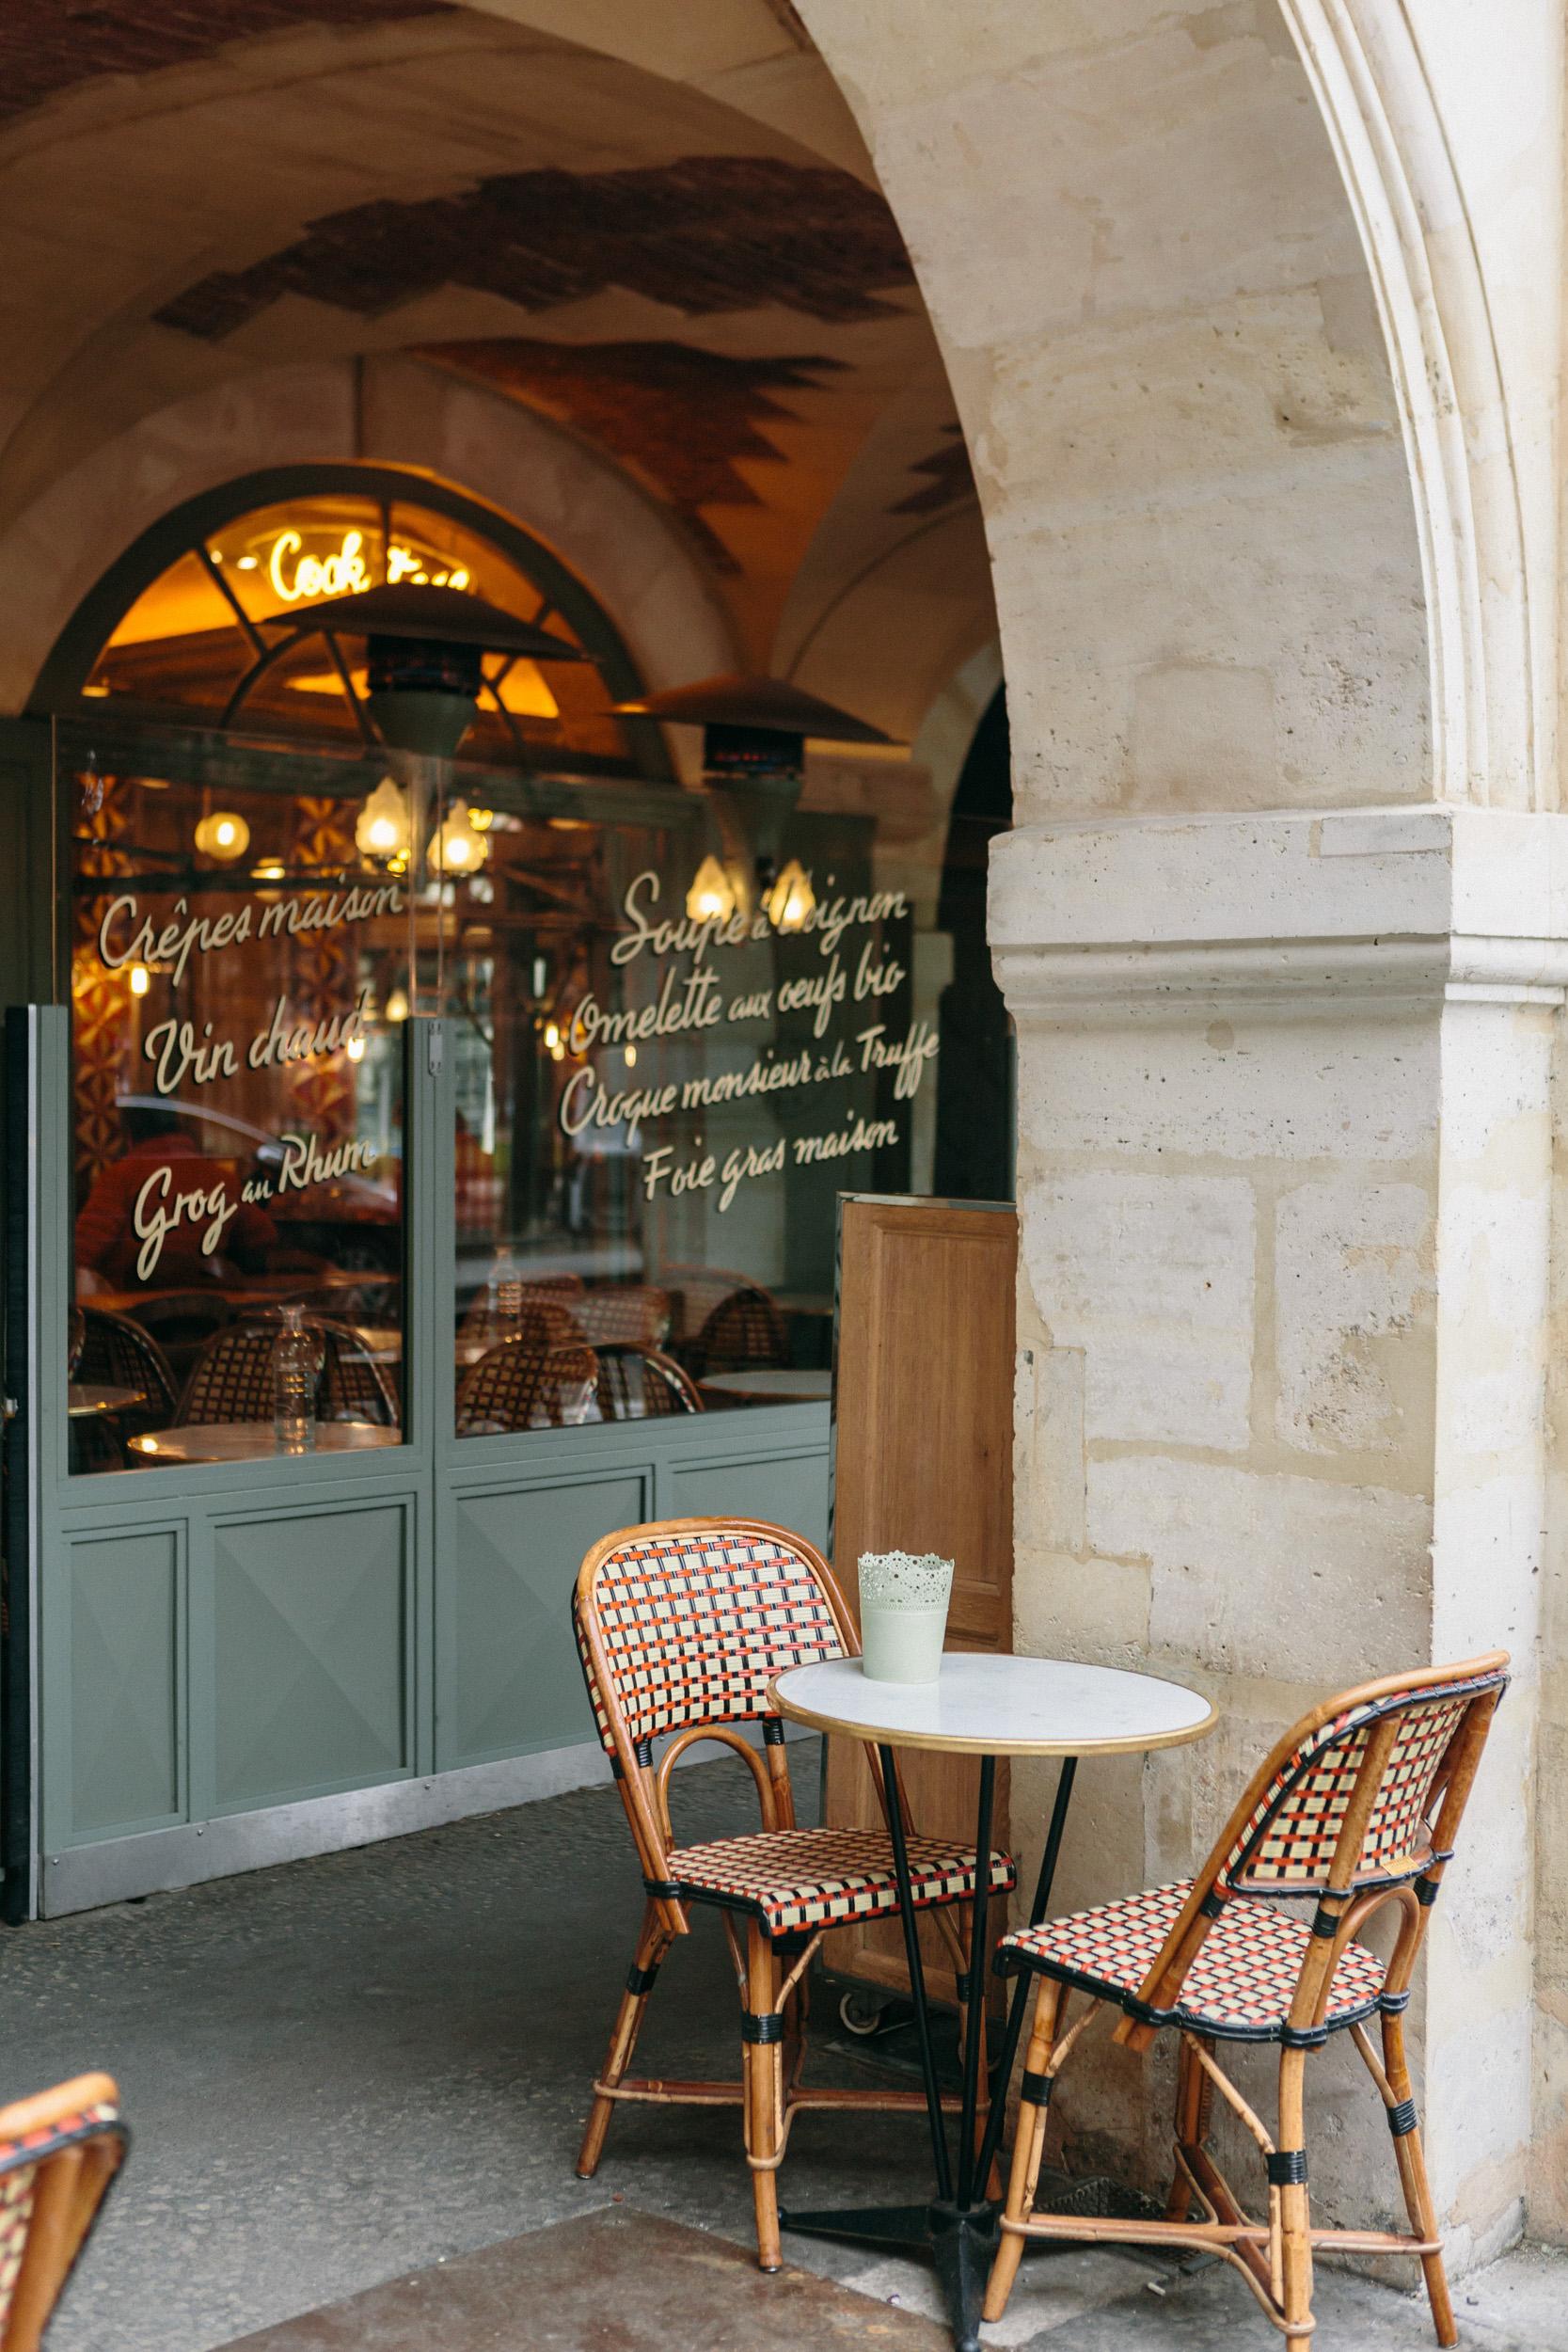 Parisian cafe captured by Paris Photographer Federico Guendel IheartParis www.iheartparis.fr